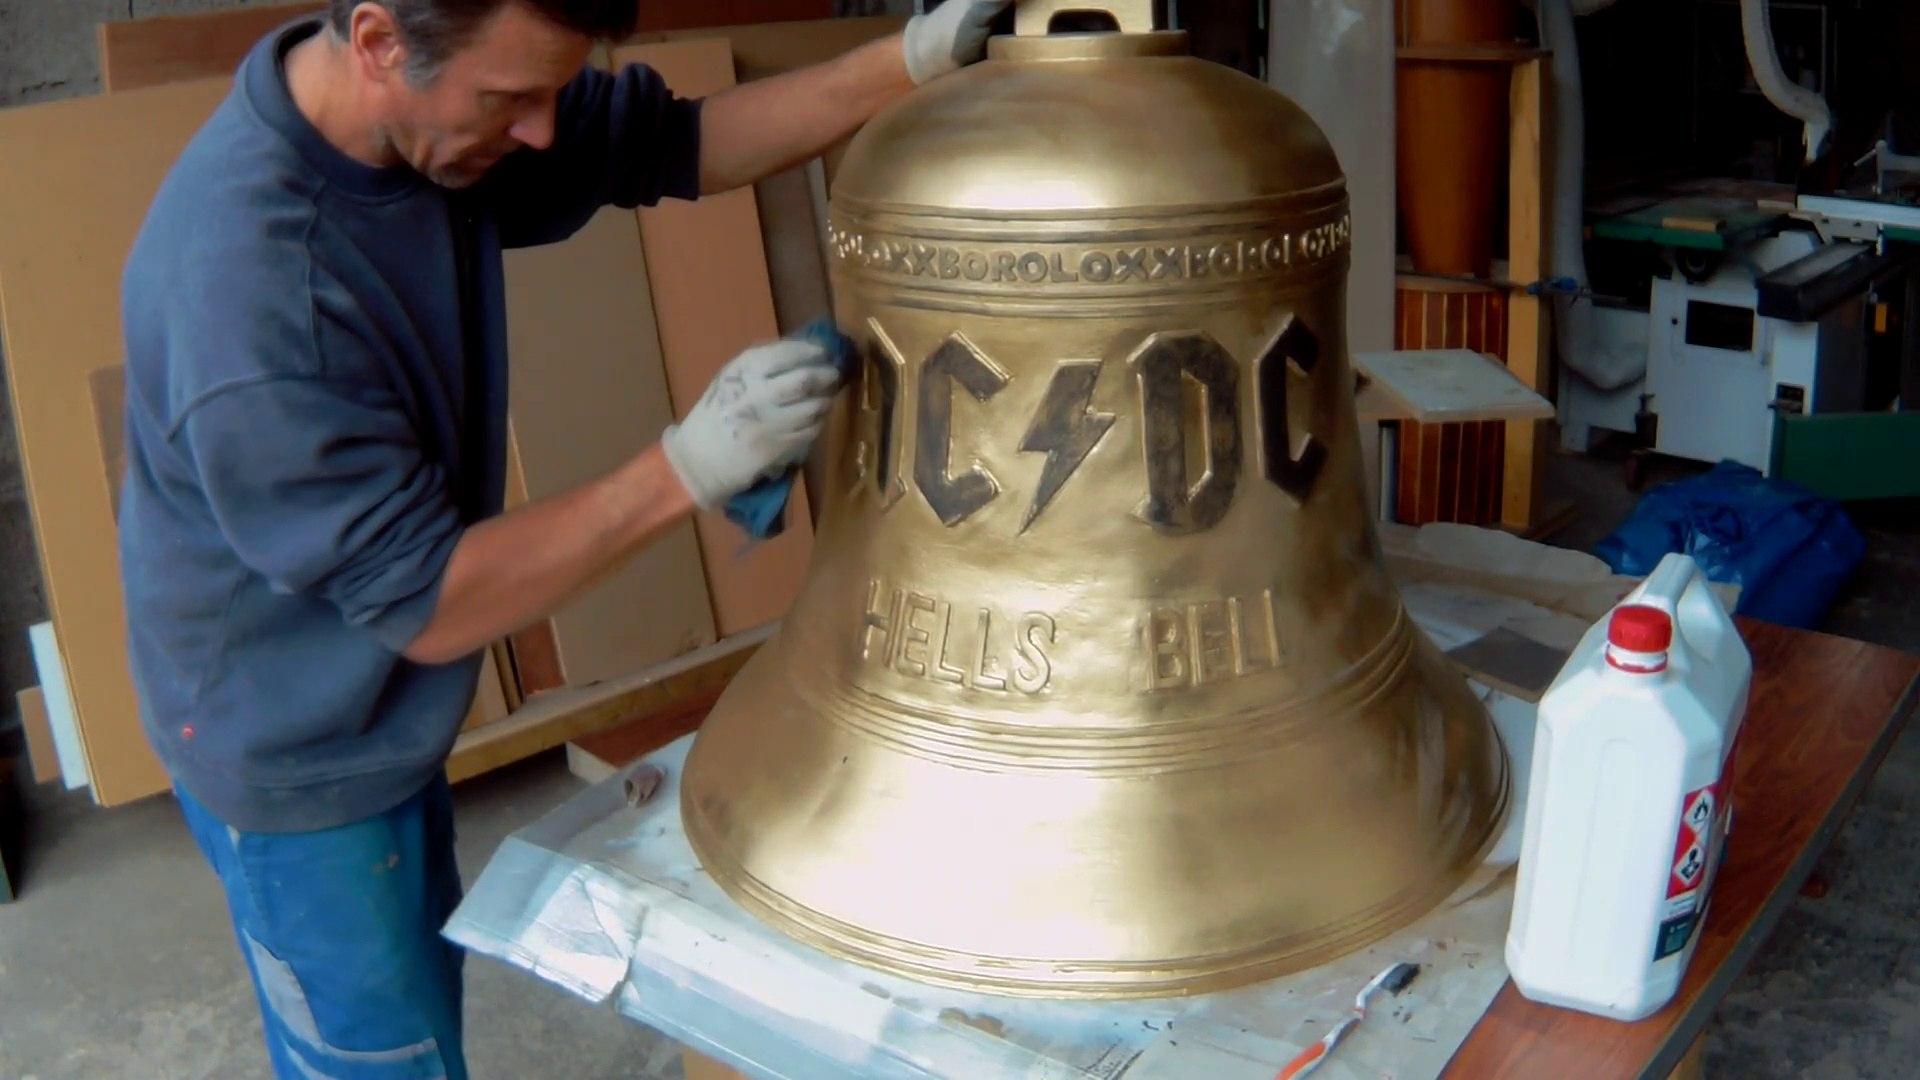 HELLS BELLS AC/DC     FAIRE LA CLOCHE AC/DC